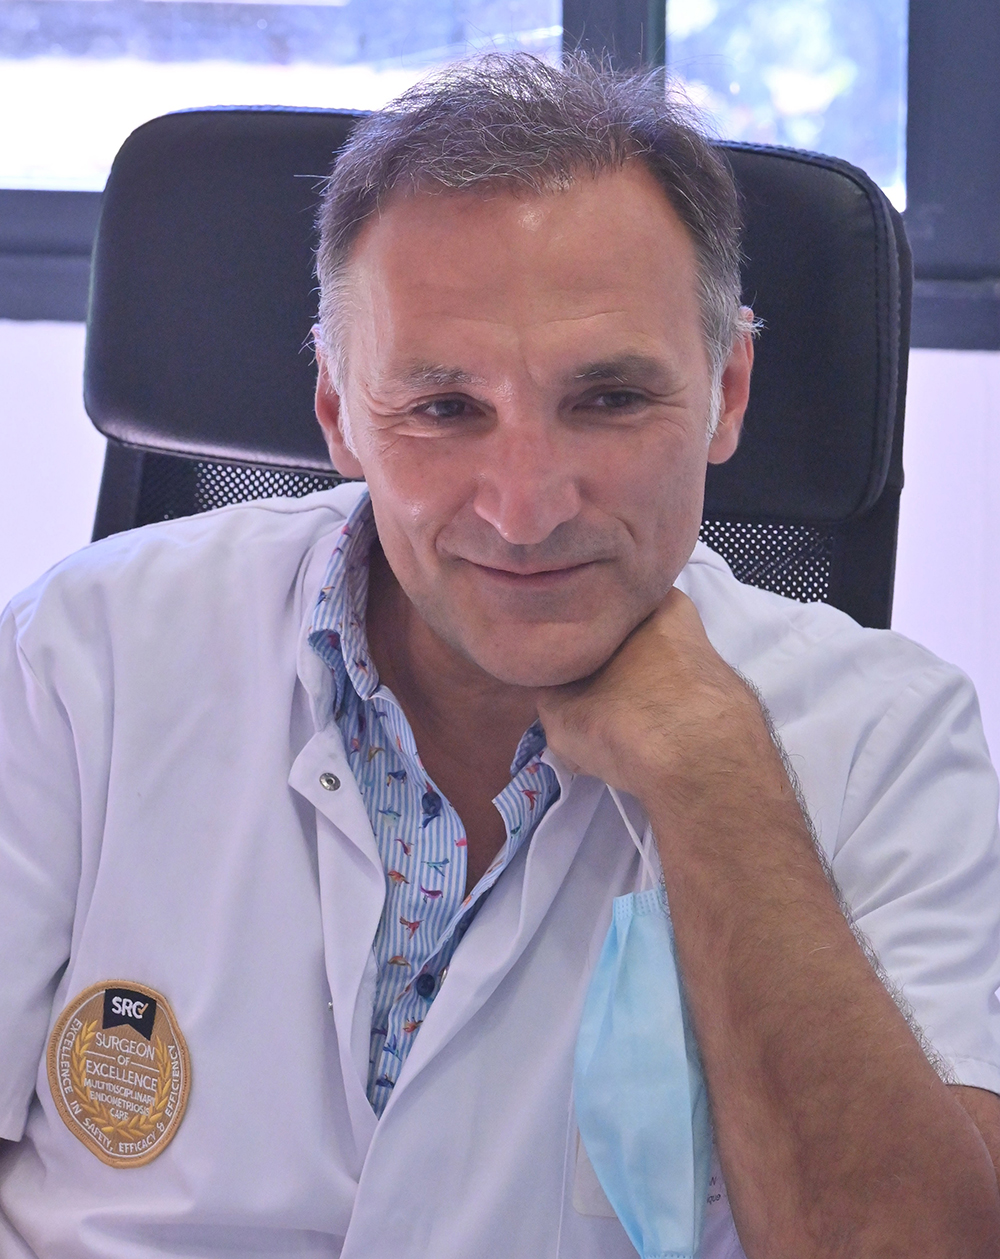 Professeur Horace Roman, Chirurgien Gynécologue, Clinique Tivoli-Ducos, Bordeaux (33), ancien professeur de l'Université de Rouen, professeur honorifique de chirurgie de l'endométriose de l'Université d'Aarhus (Danemark)